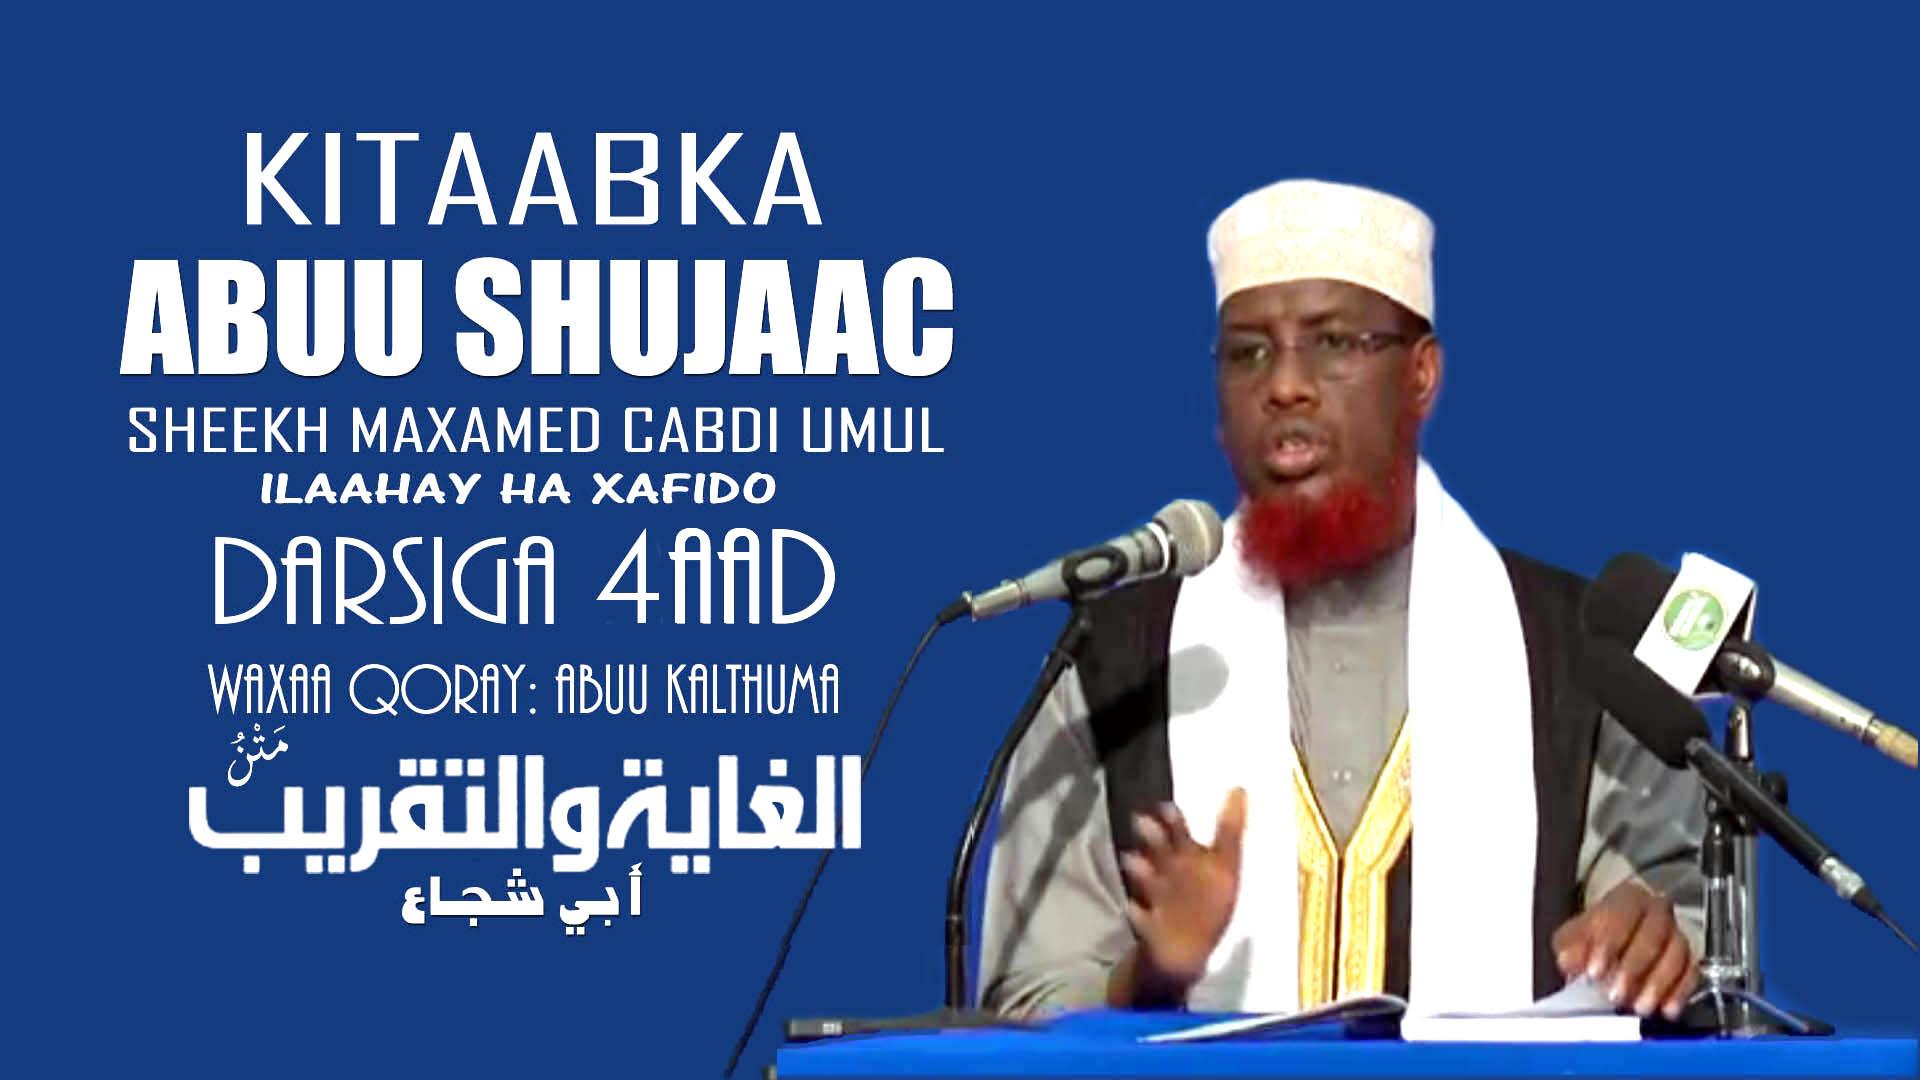 Kitaabka Abuu Shujaac – Qaybta 4aad